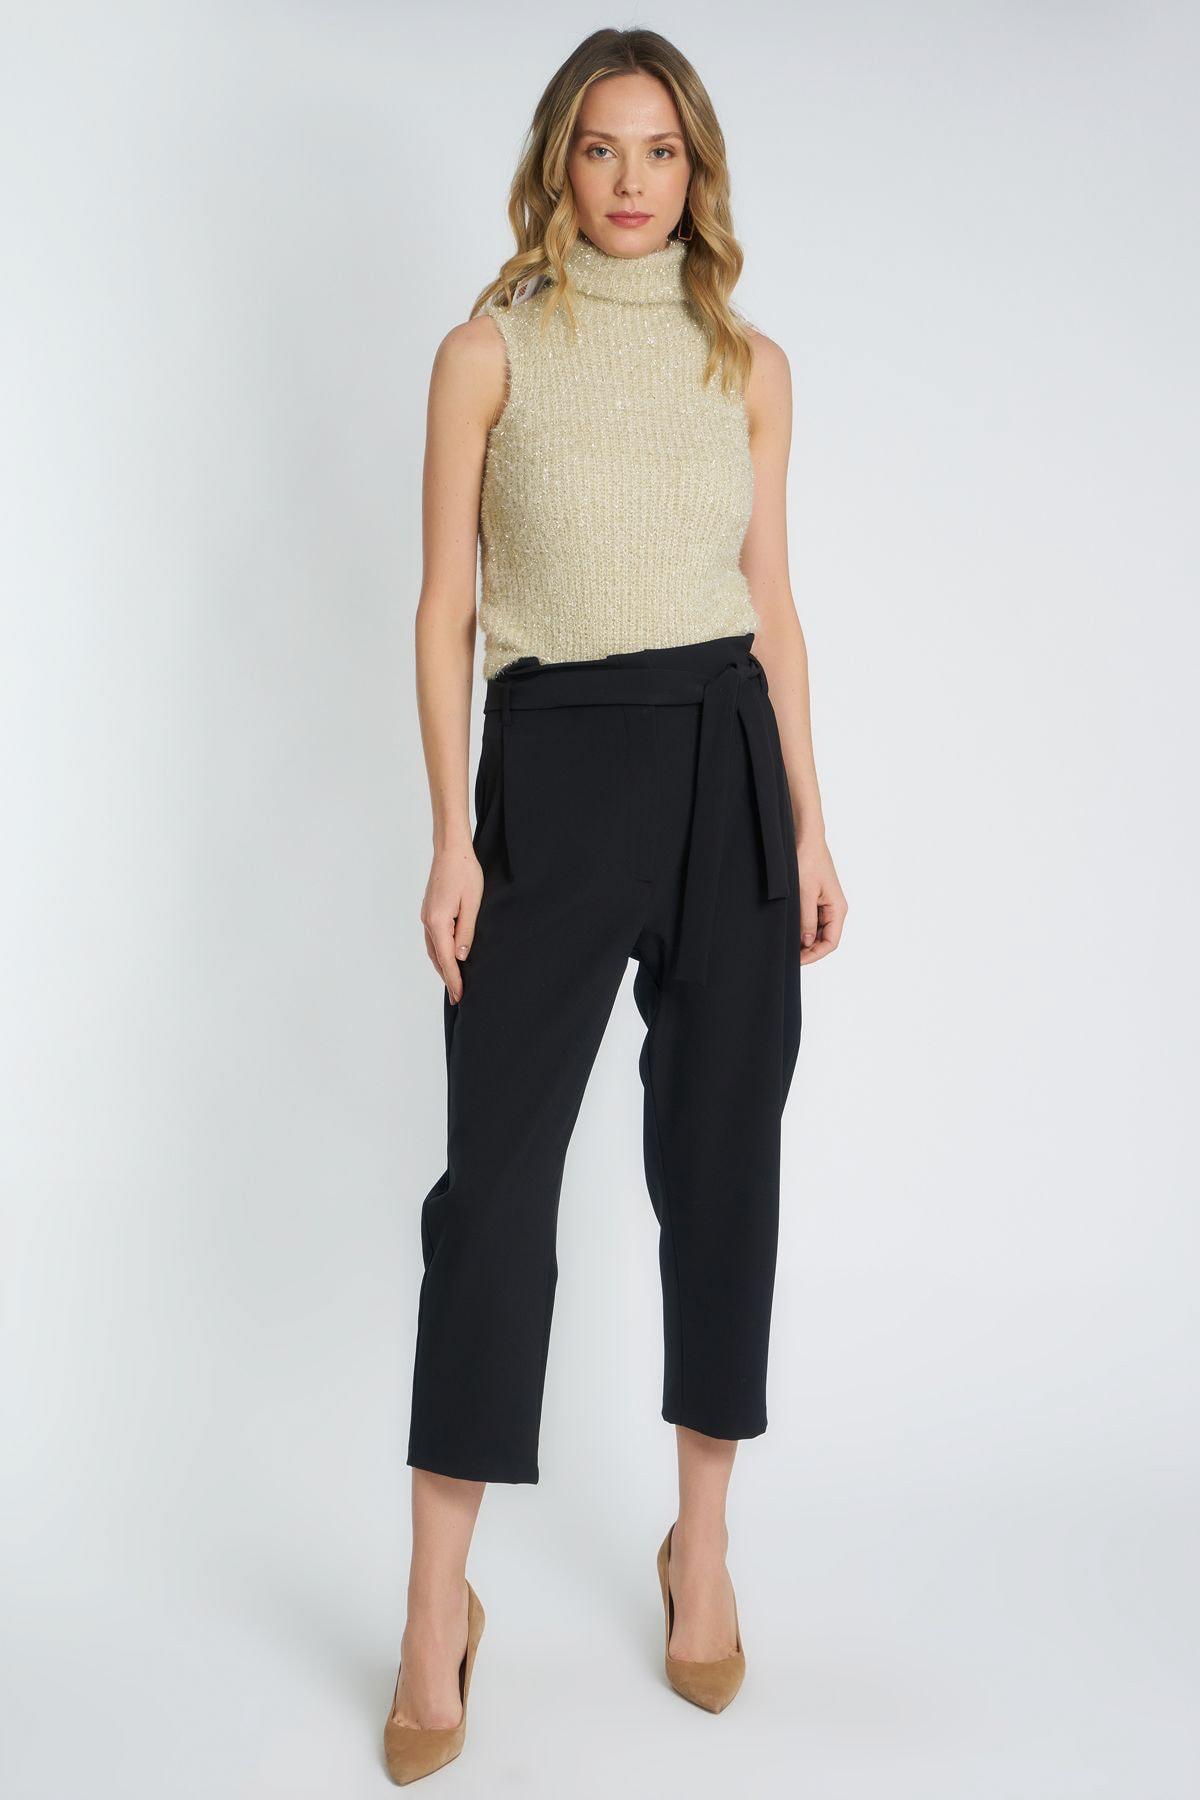 HomeStore Kadın Sıyah Pantolon 19630002062 1